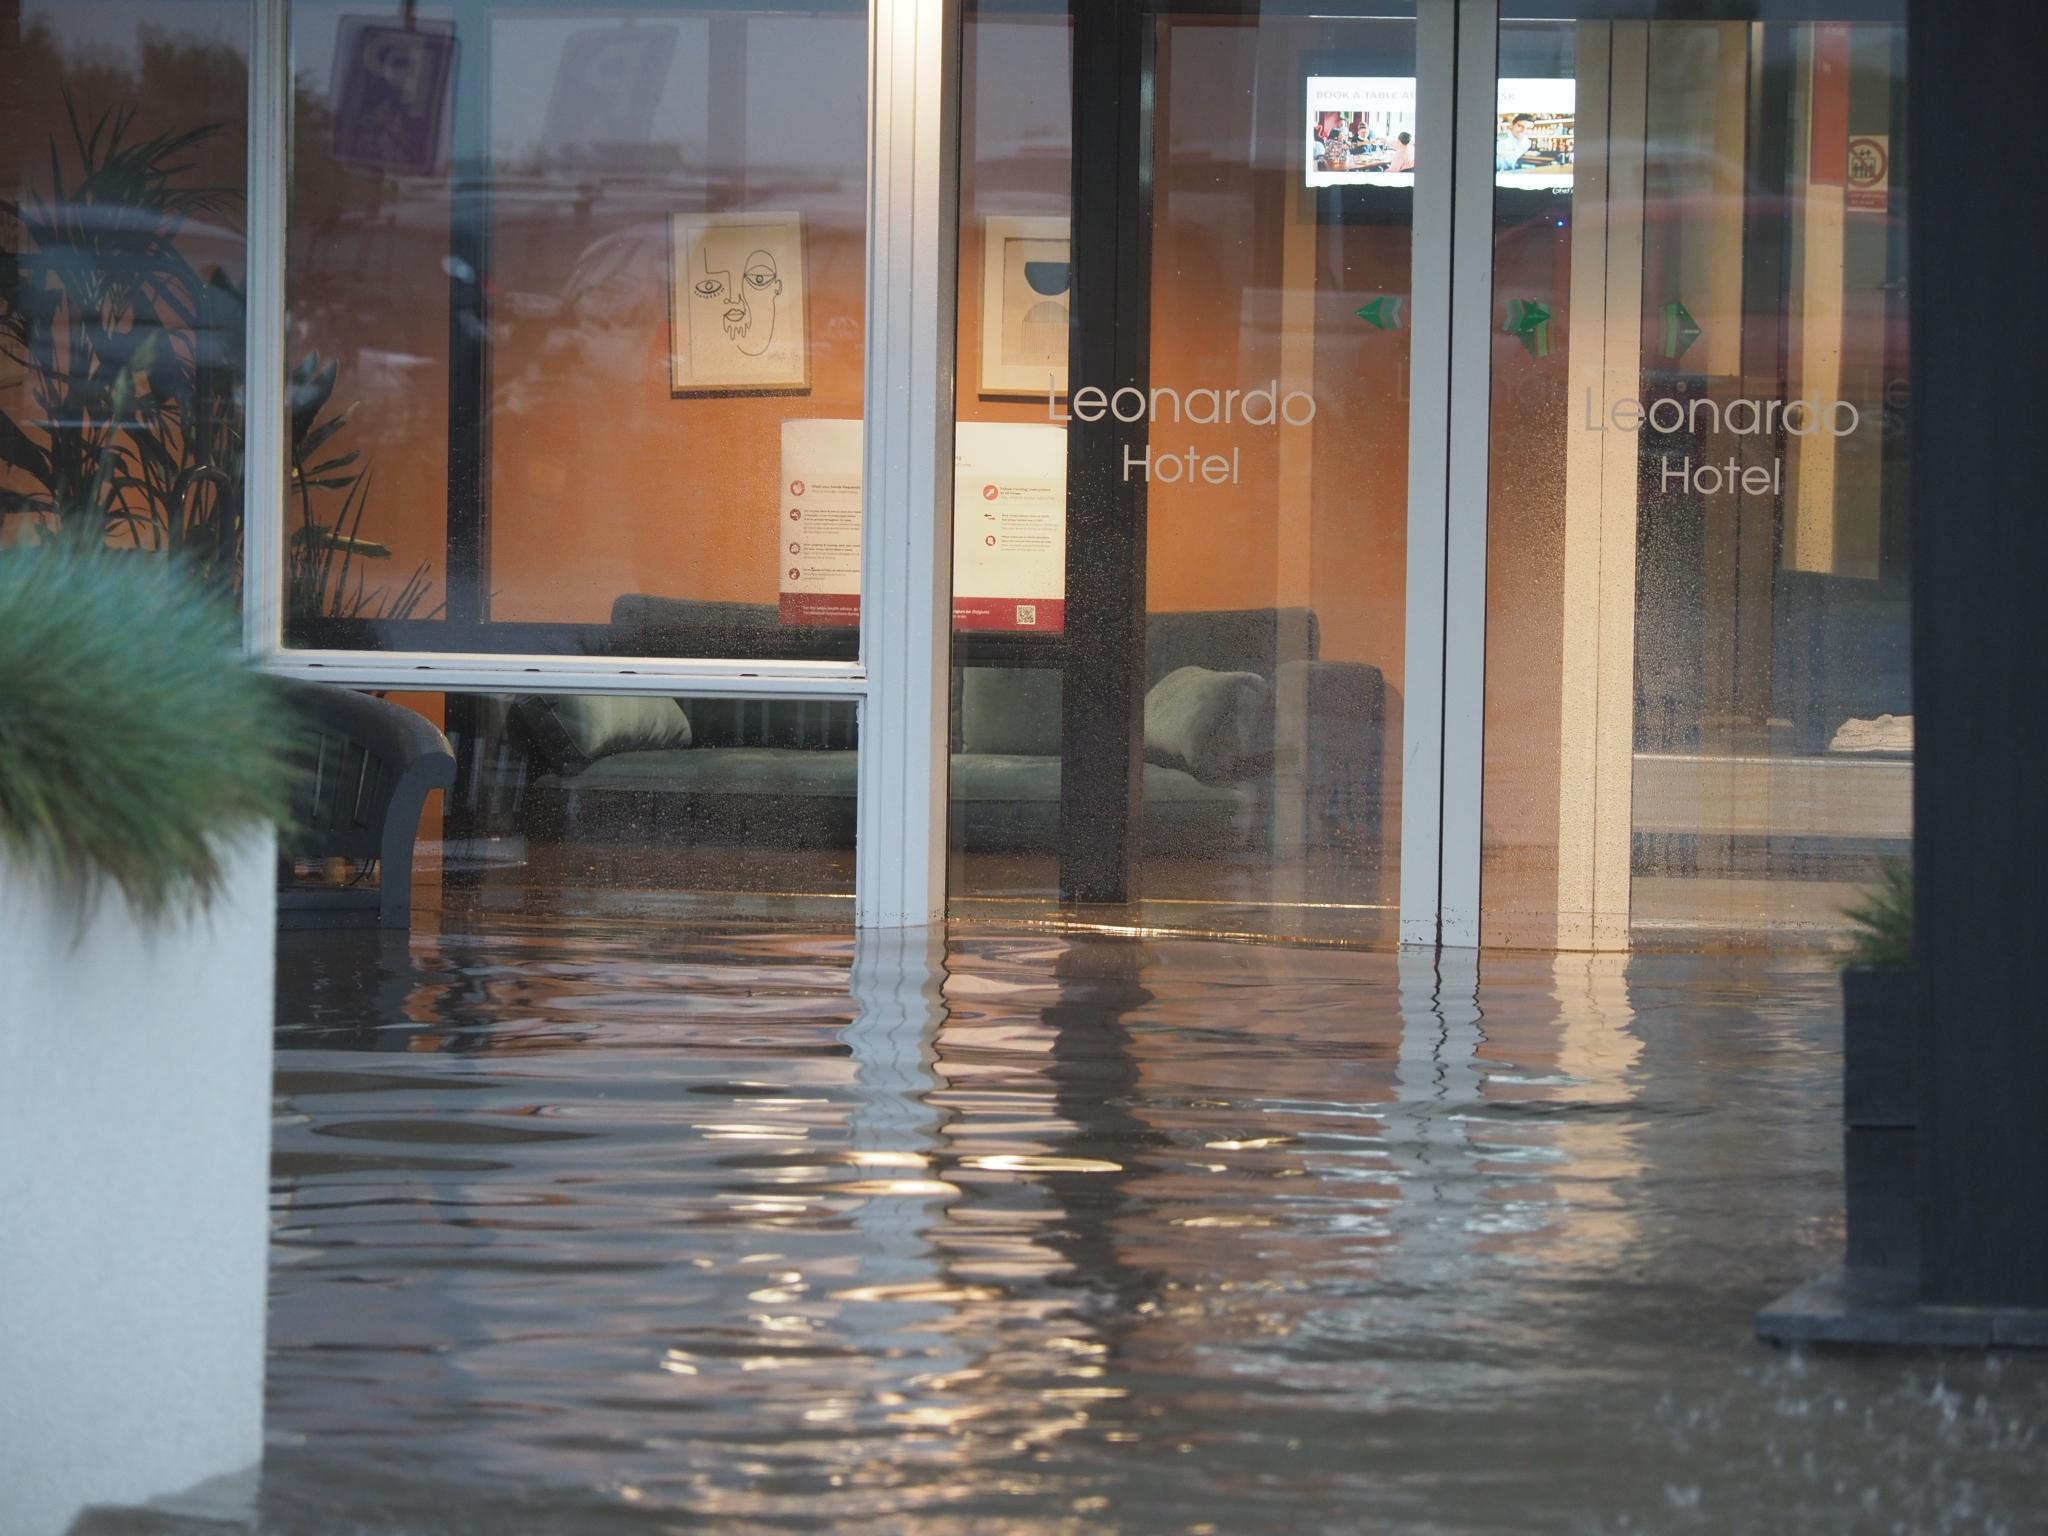 Storm houdt huis in IJmuiden: Leonardo Hotel ondergelopen. Kinderen vermaken zich wel met de regen